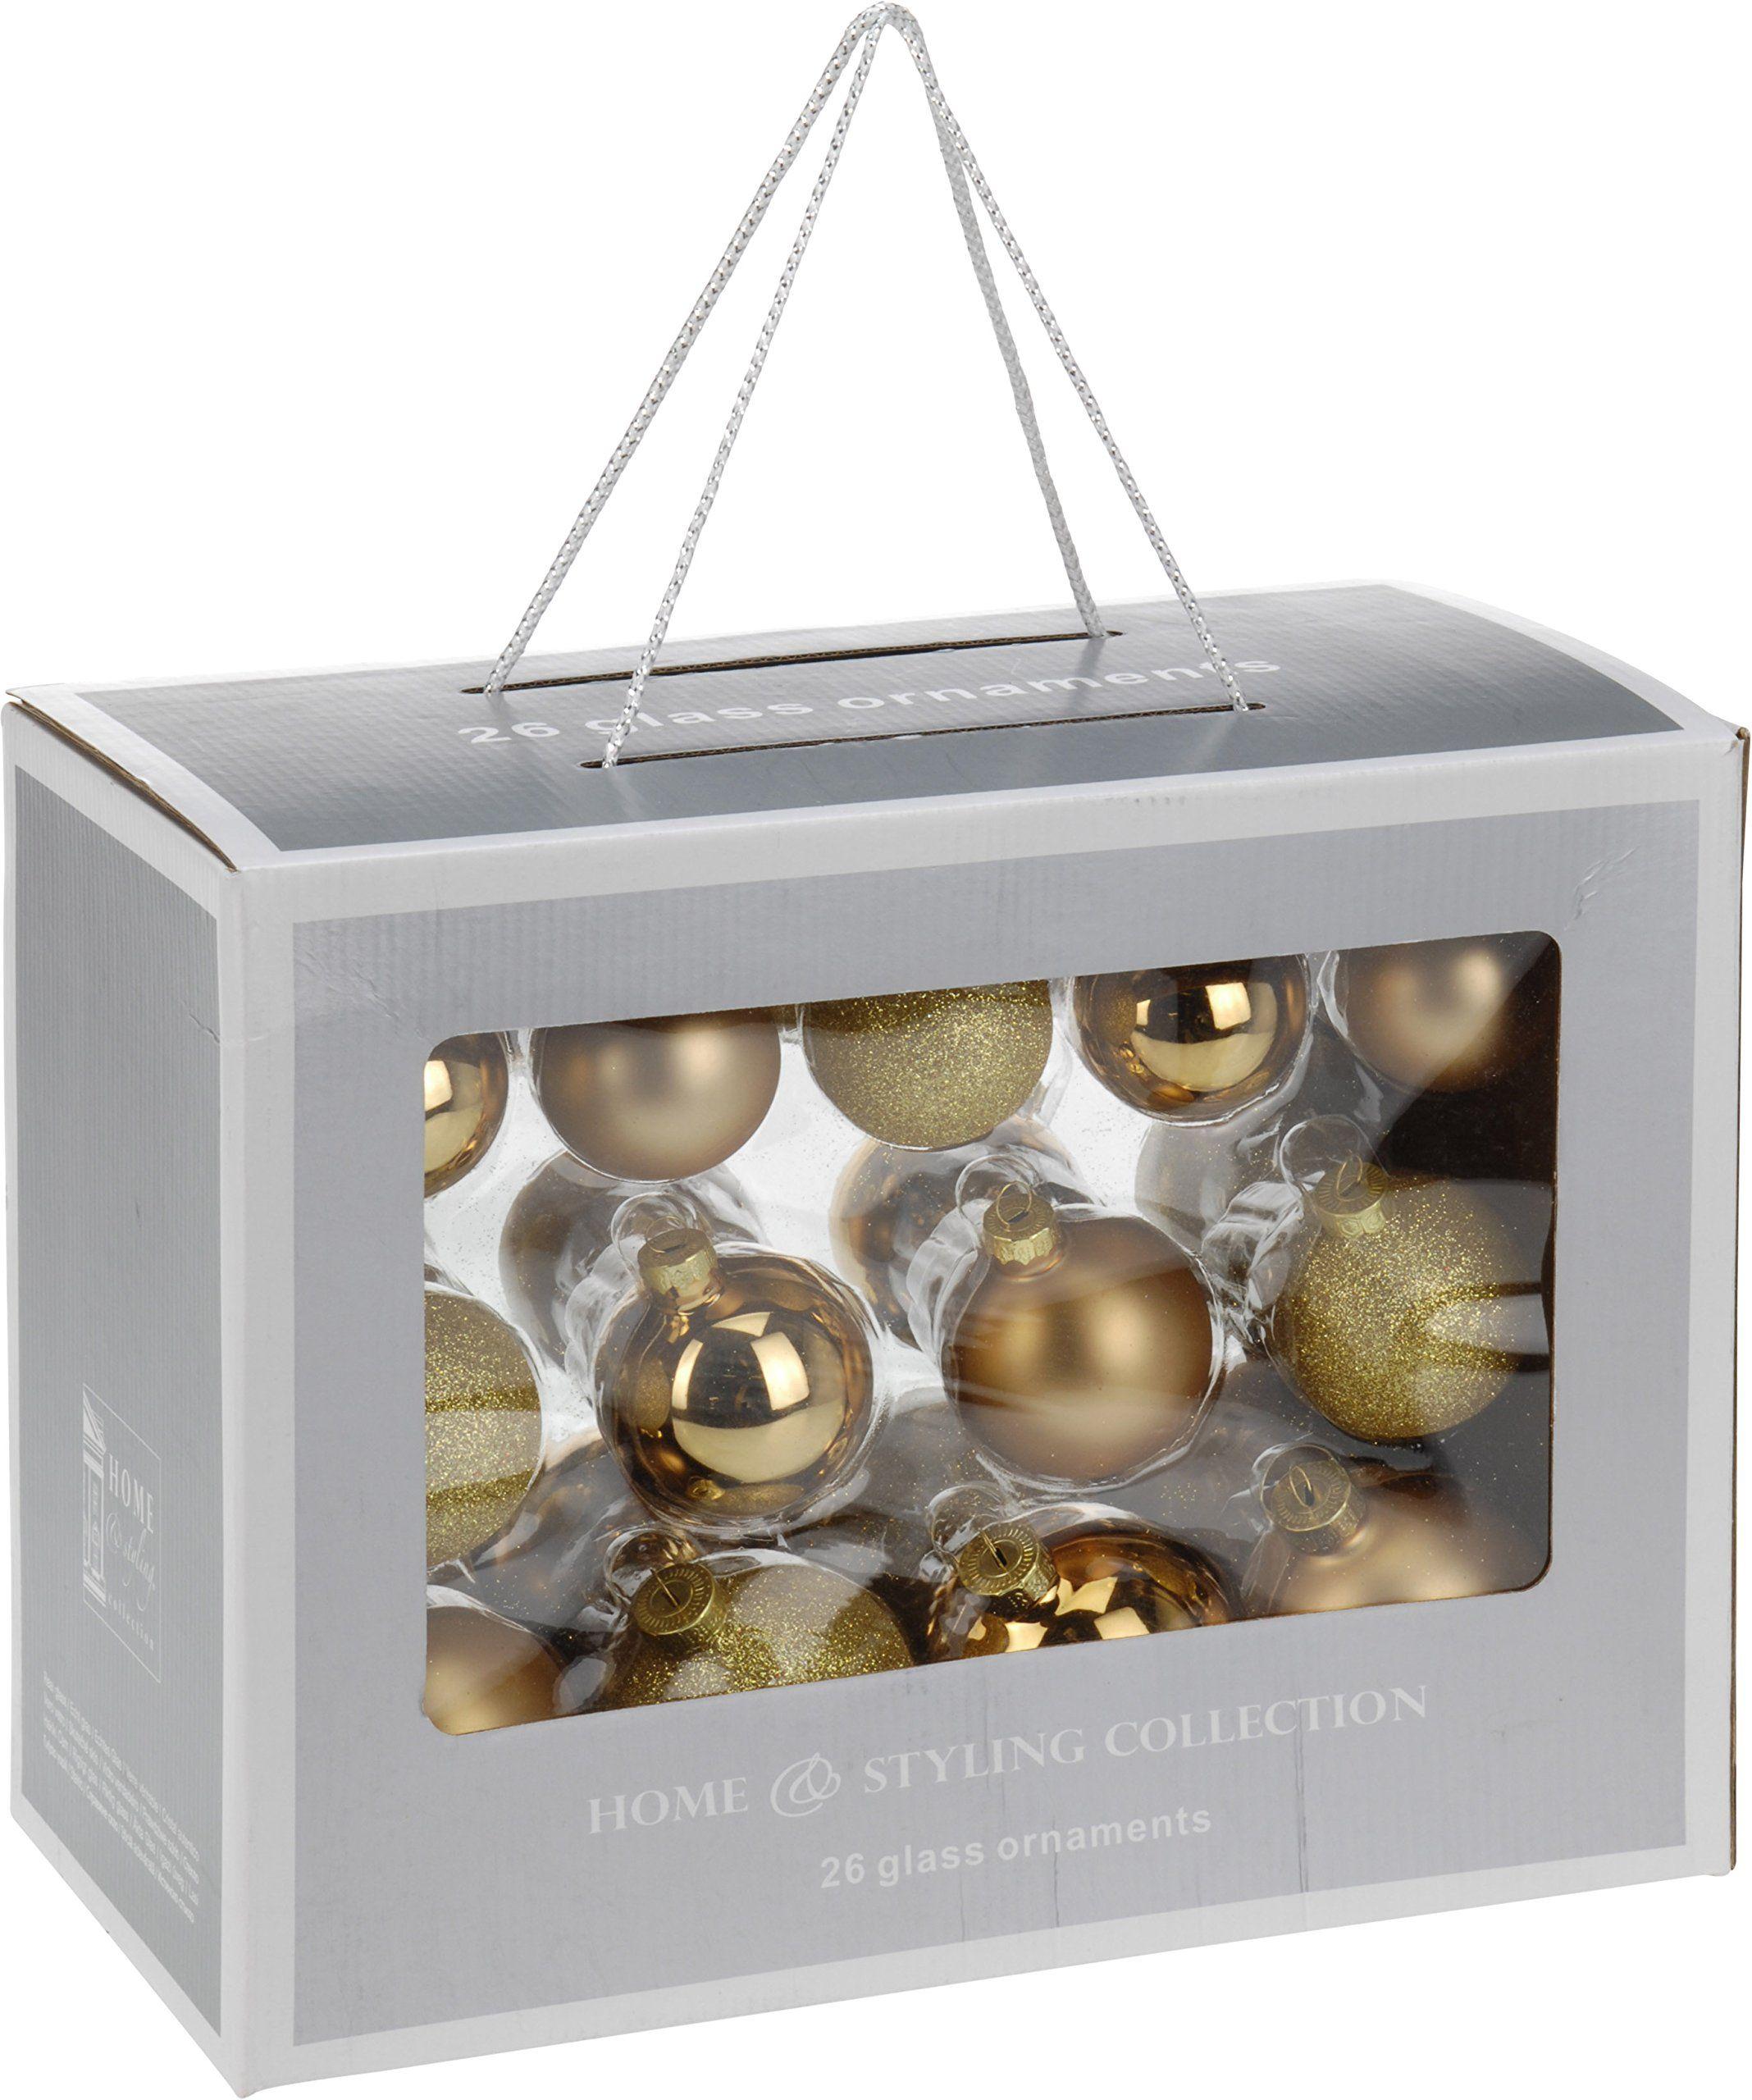 Home&Style 734632 zestaw bombek bożonarodzeniowych, 26 sztuk, 10 x 5 cm, 4 x błyszczące 6 x matowe, 8 x 5,6 cm, 8 x 6,5 cm, 2 x błyszczące, 6 x matowe w kartonie okiennym